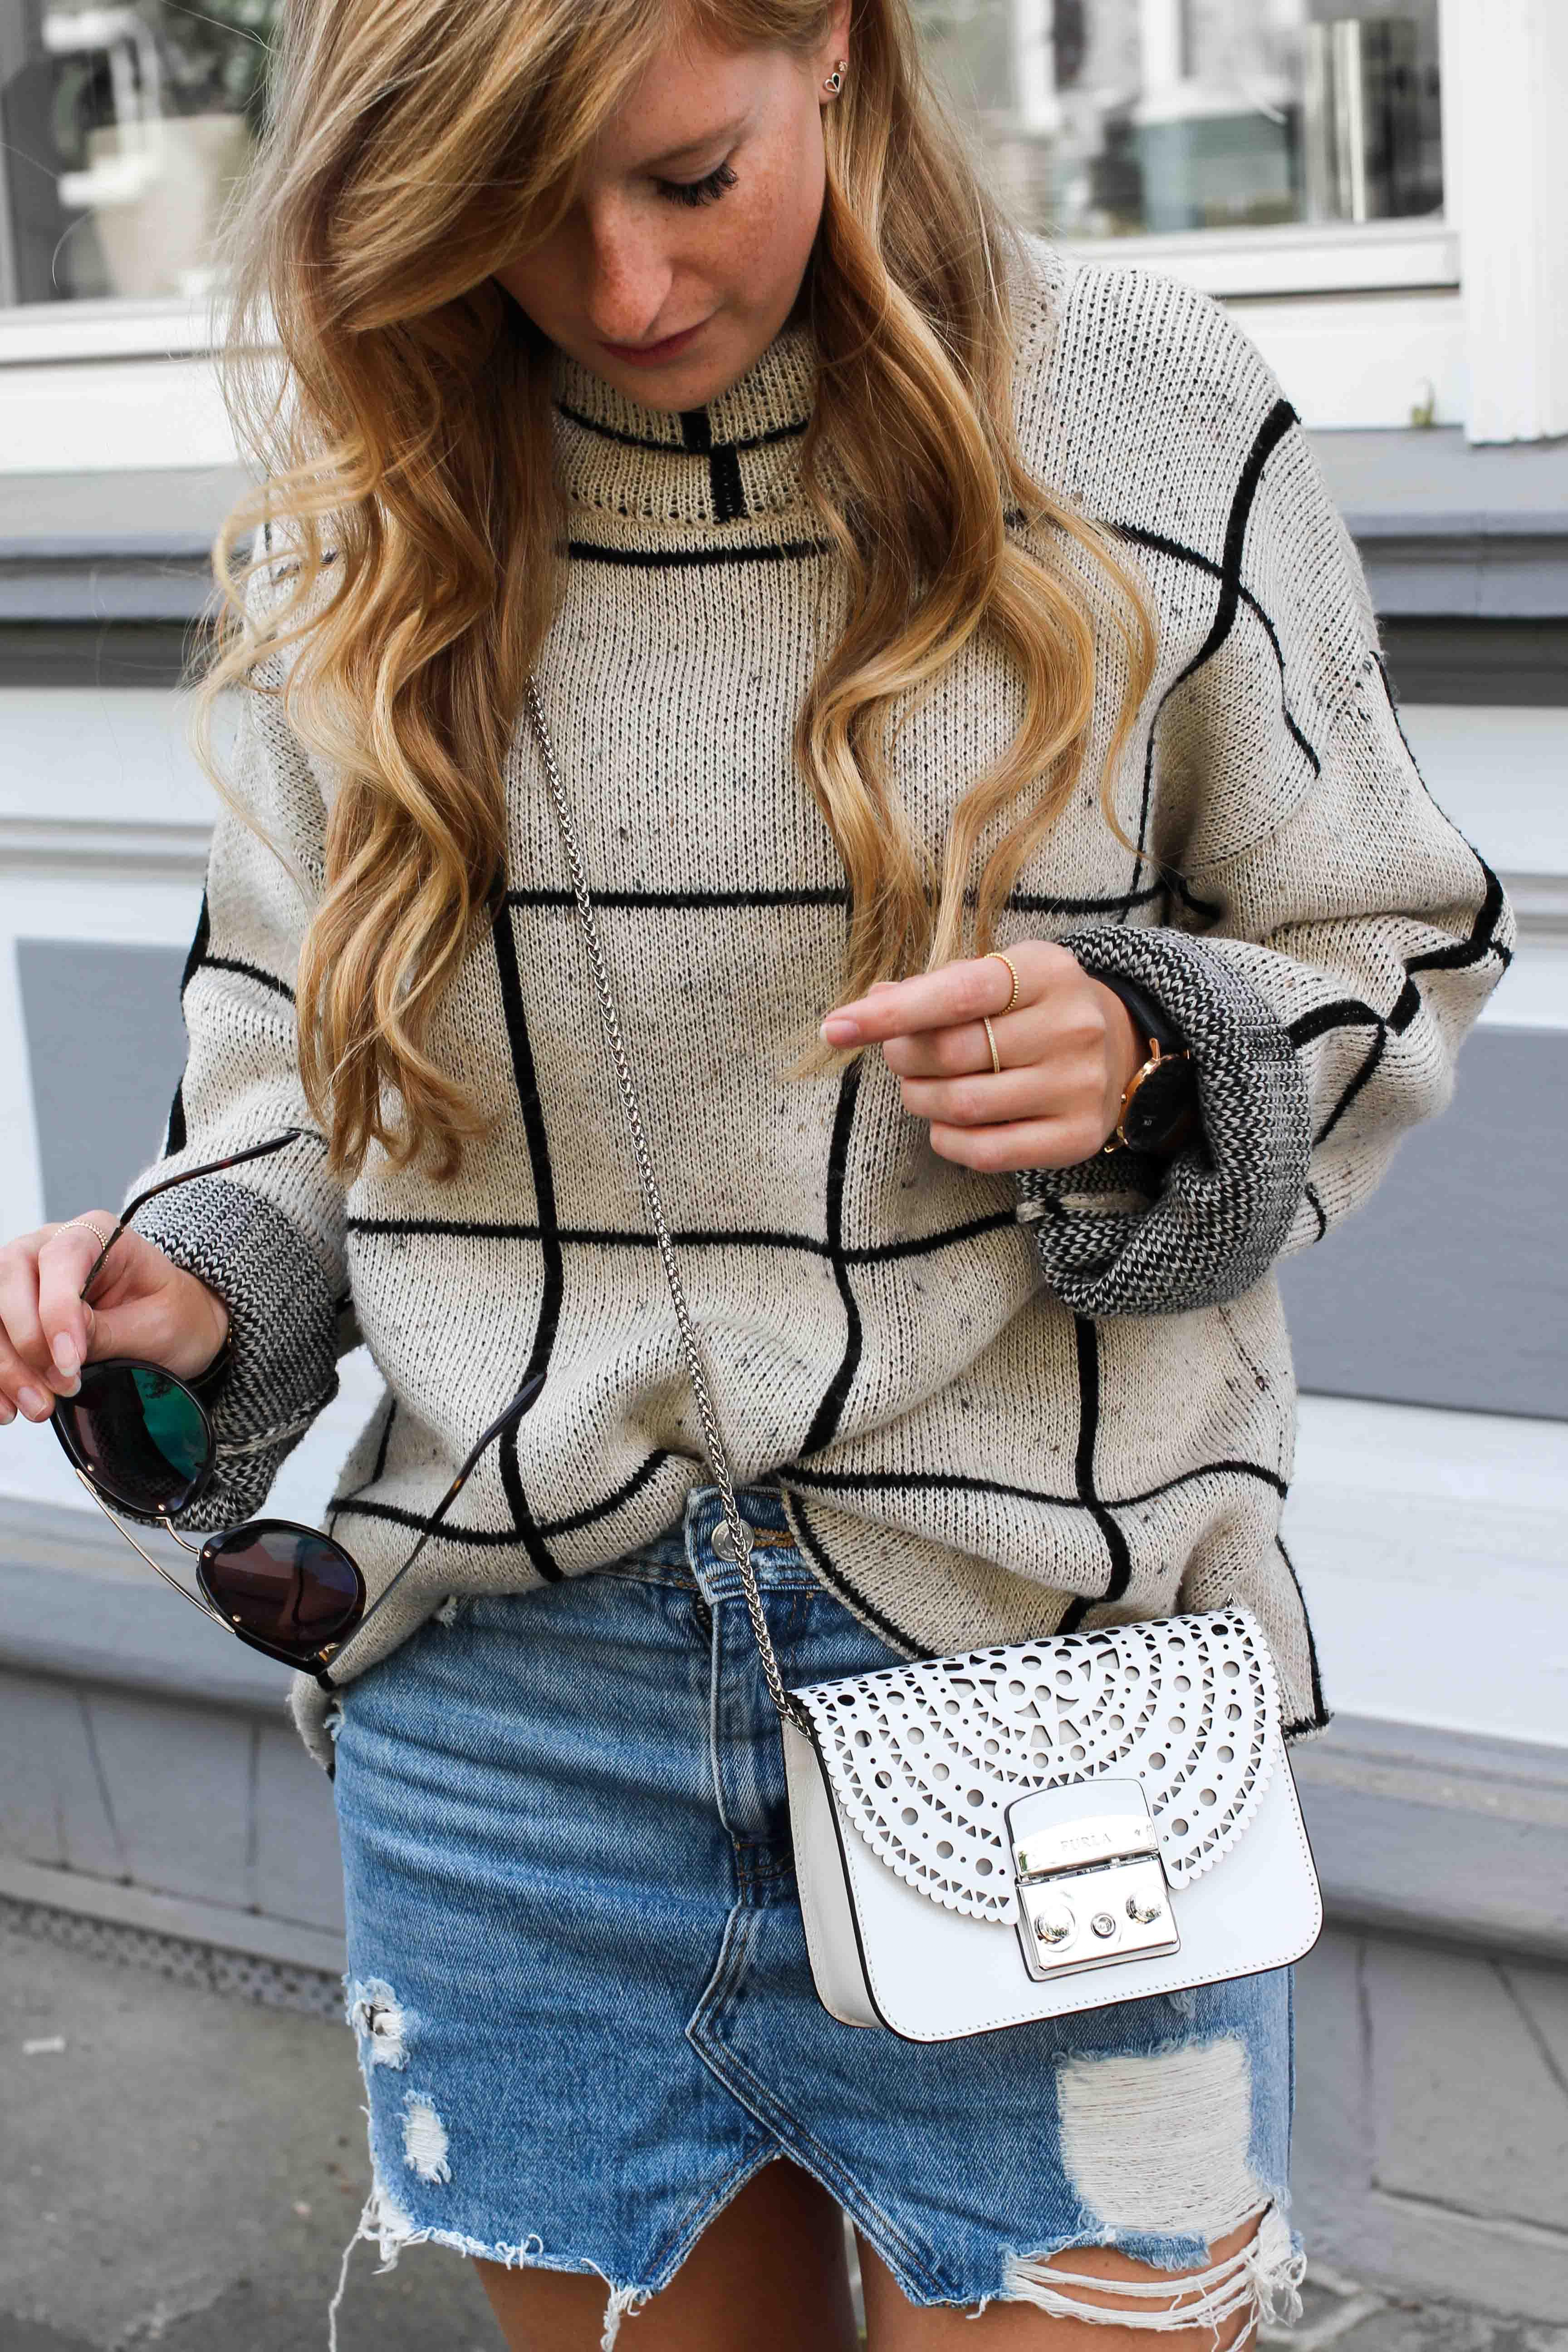 warmer Frühlingslook Rollkragenpullover Jeansrock kombinieren Sommertasche Furla Metropolis weiß Bolero Mini Crossbody Streetstyle Modeblog Bonn Outfit